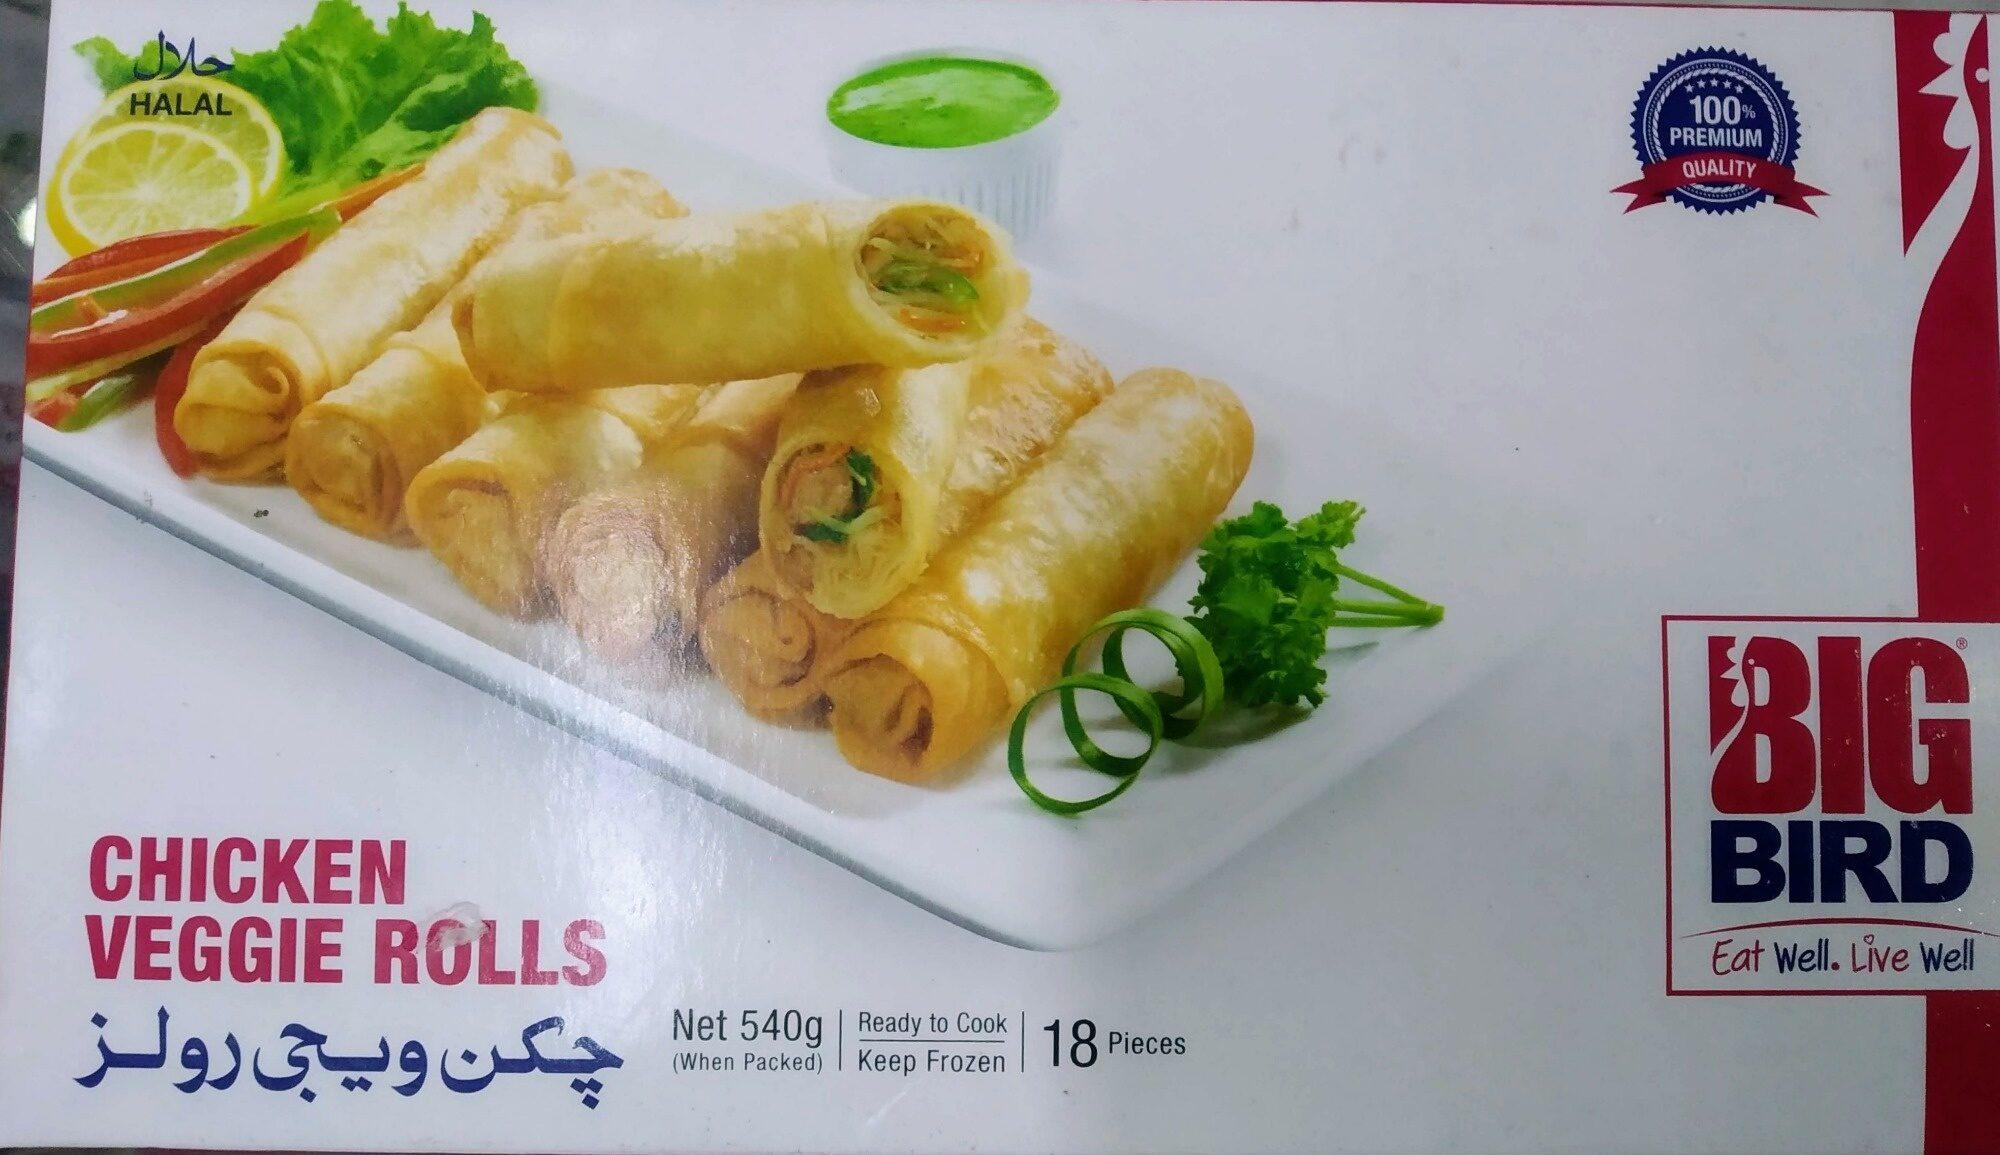 Chicken Veggie Rolls - Product - en